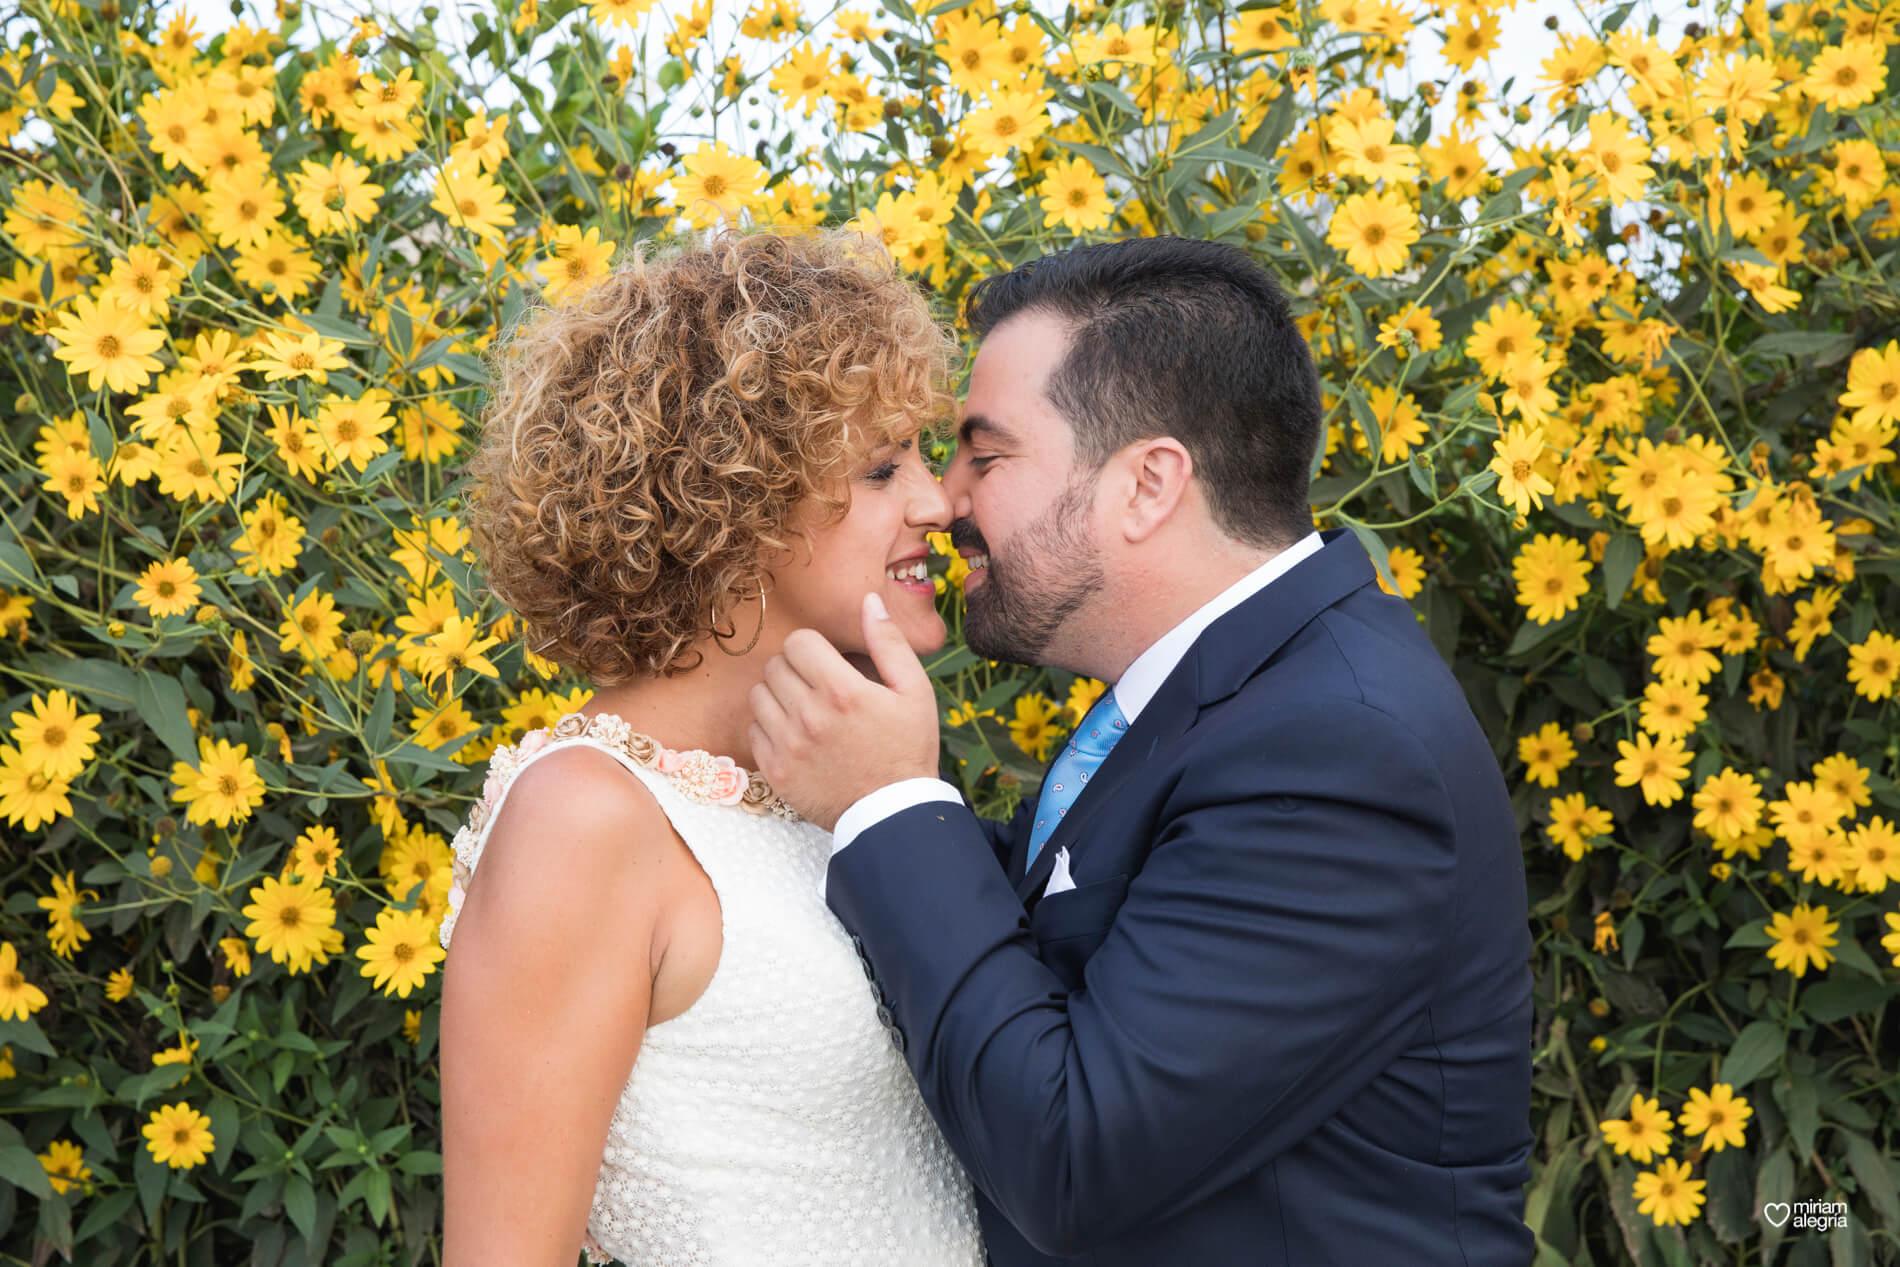 boda-en-finca-la-carrasca-miriam-alegria-96